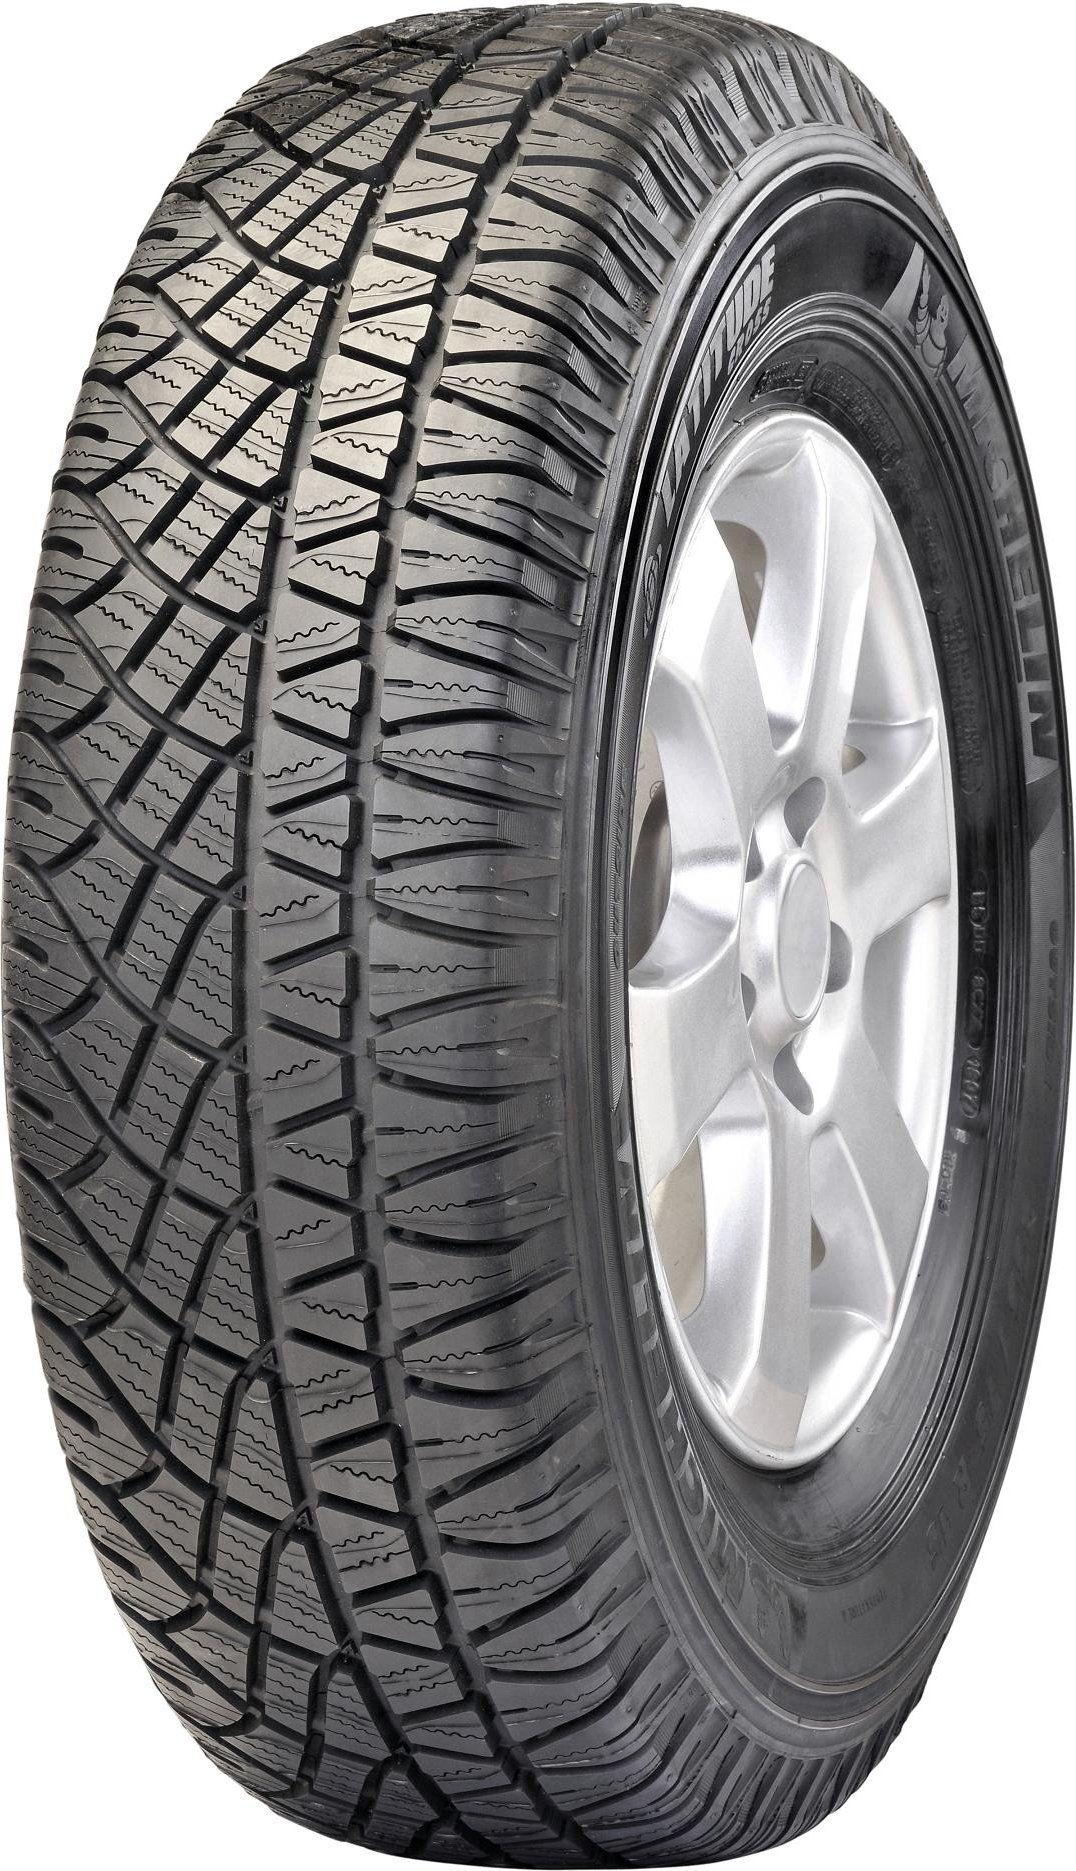 Michelin Latitude Cross 195/80 R15 96 T